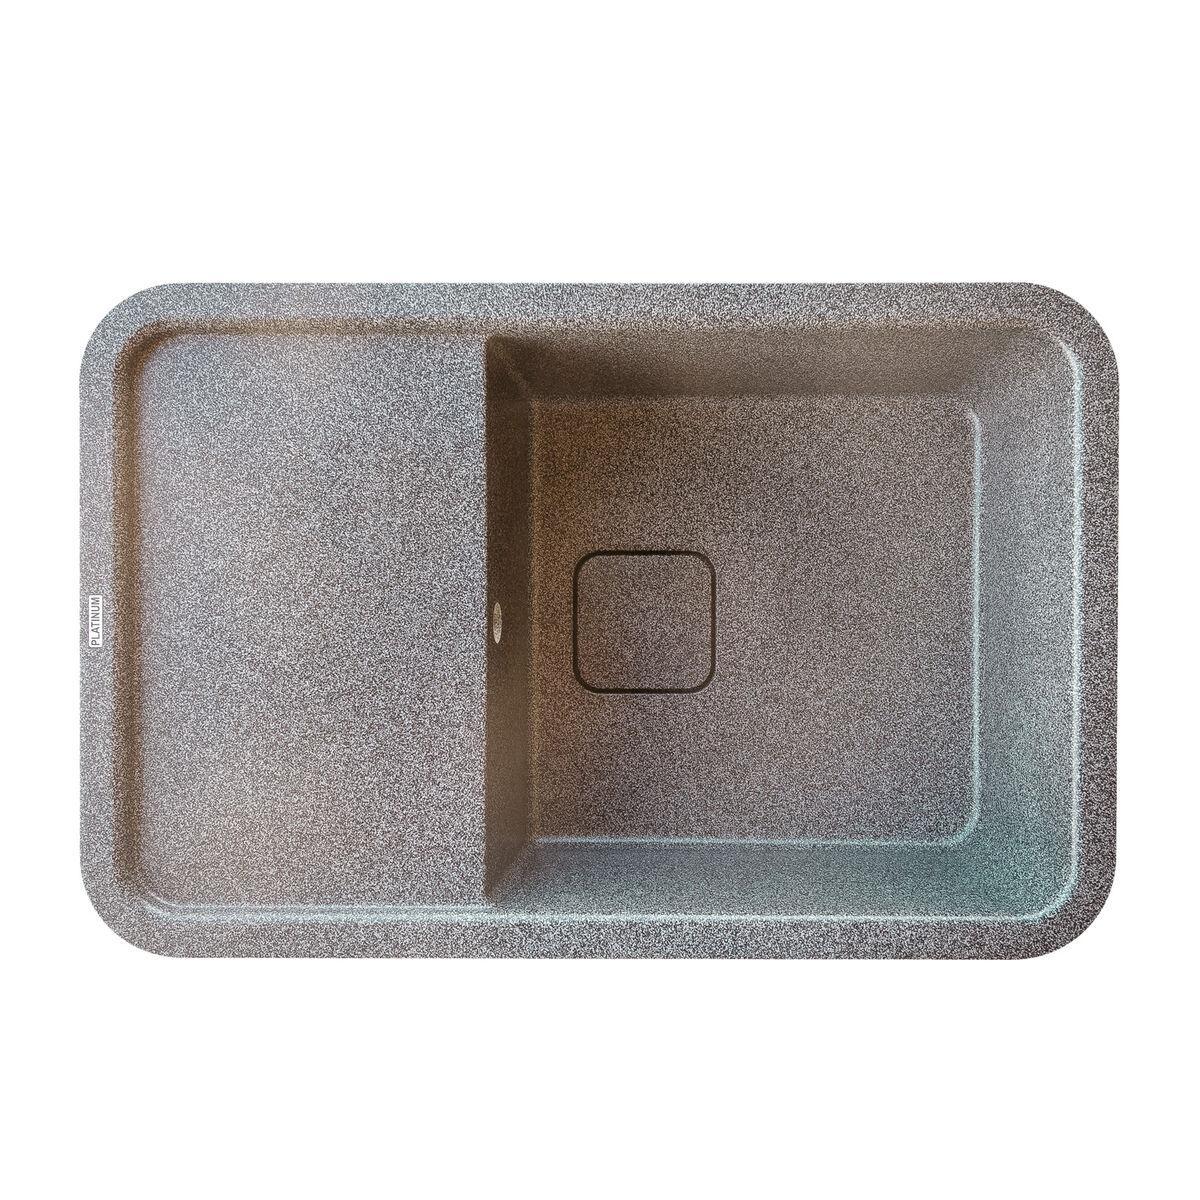 Гранітна мийка для кухні Platinum 7850 CUBE матова Мікс